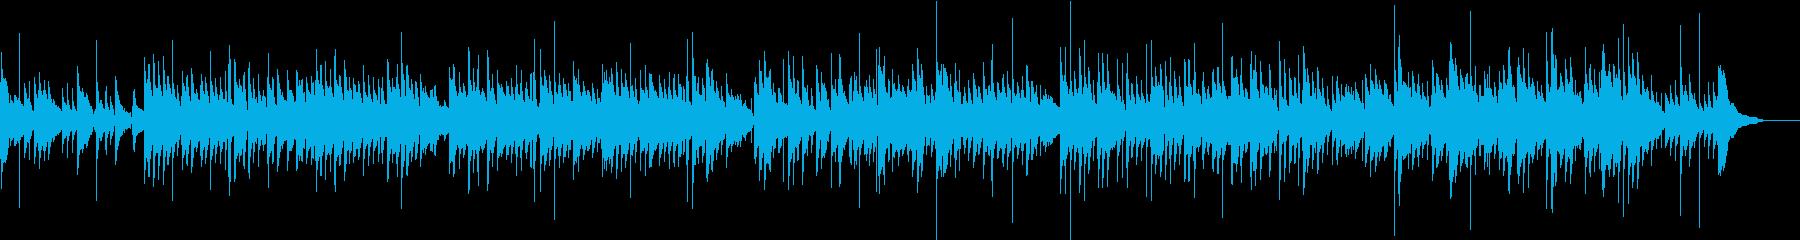 生ギター、和モダン 竹林の景色イメージの再生済みの波形